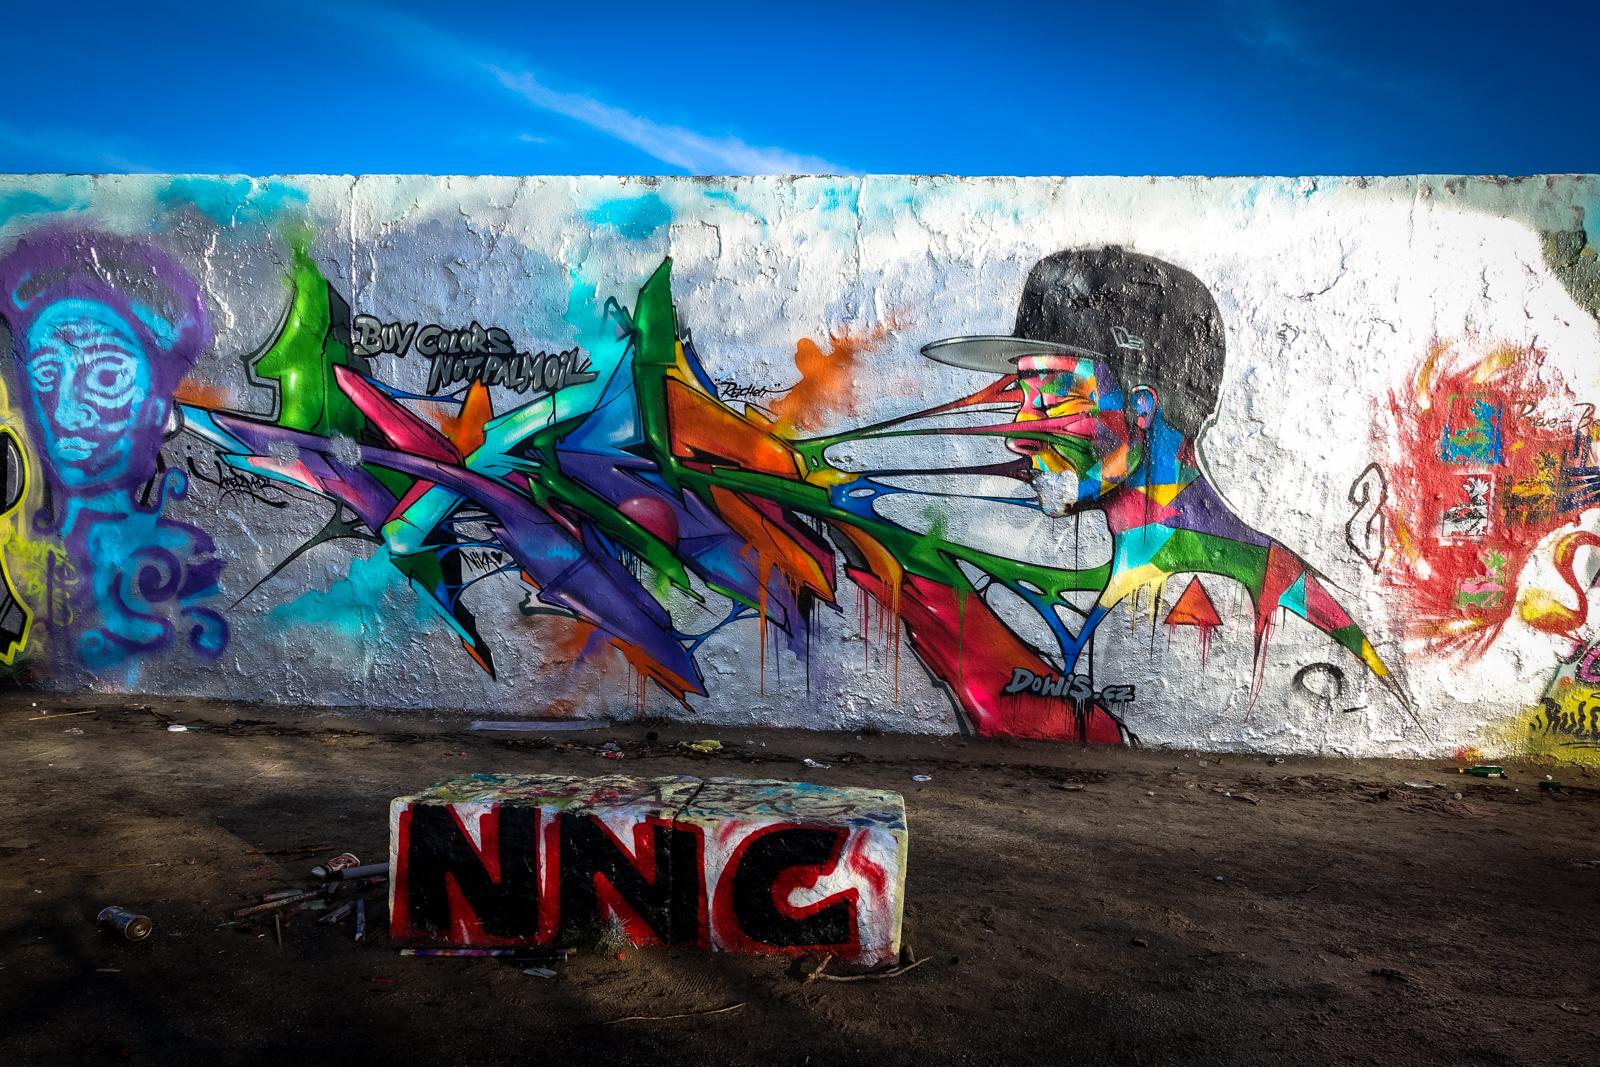 legal wall graffiti im mauerpark, berlin -jan 2016